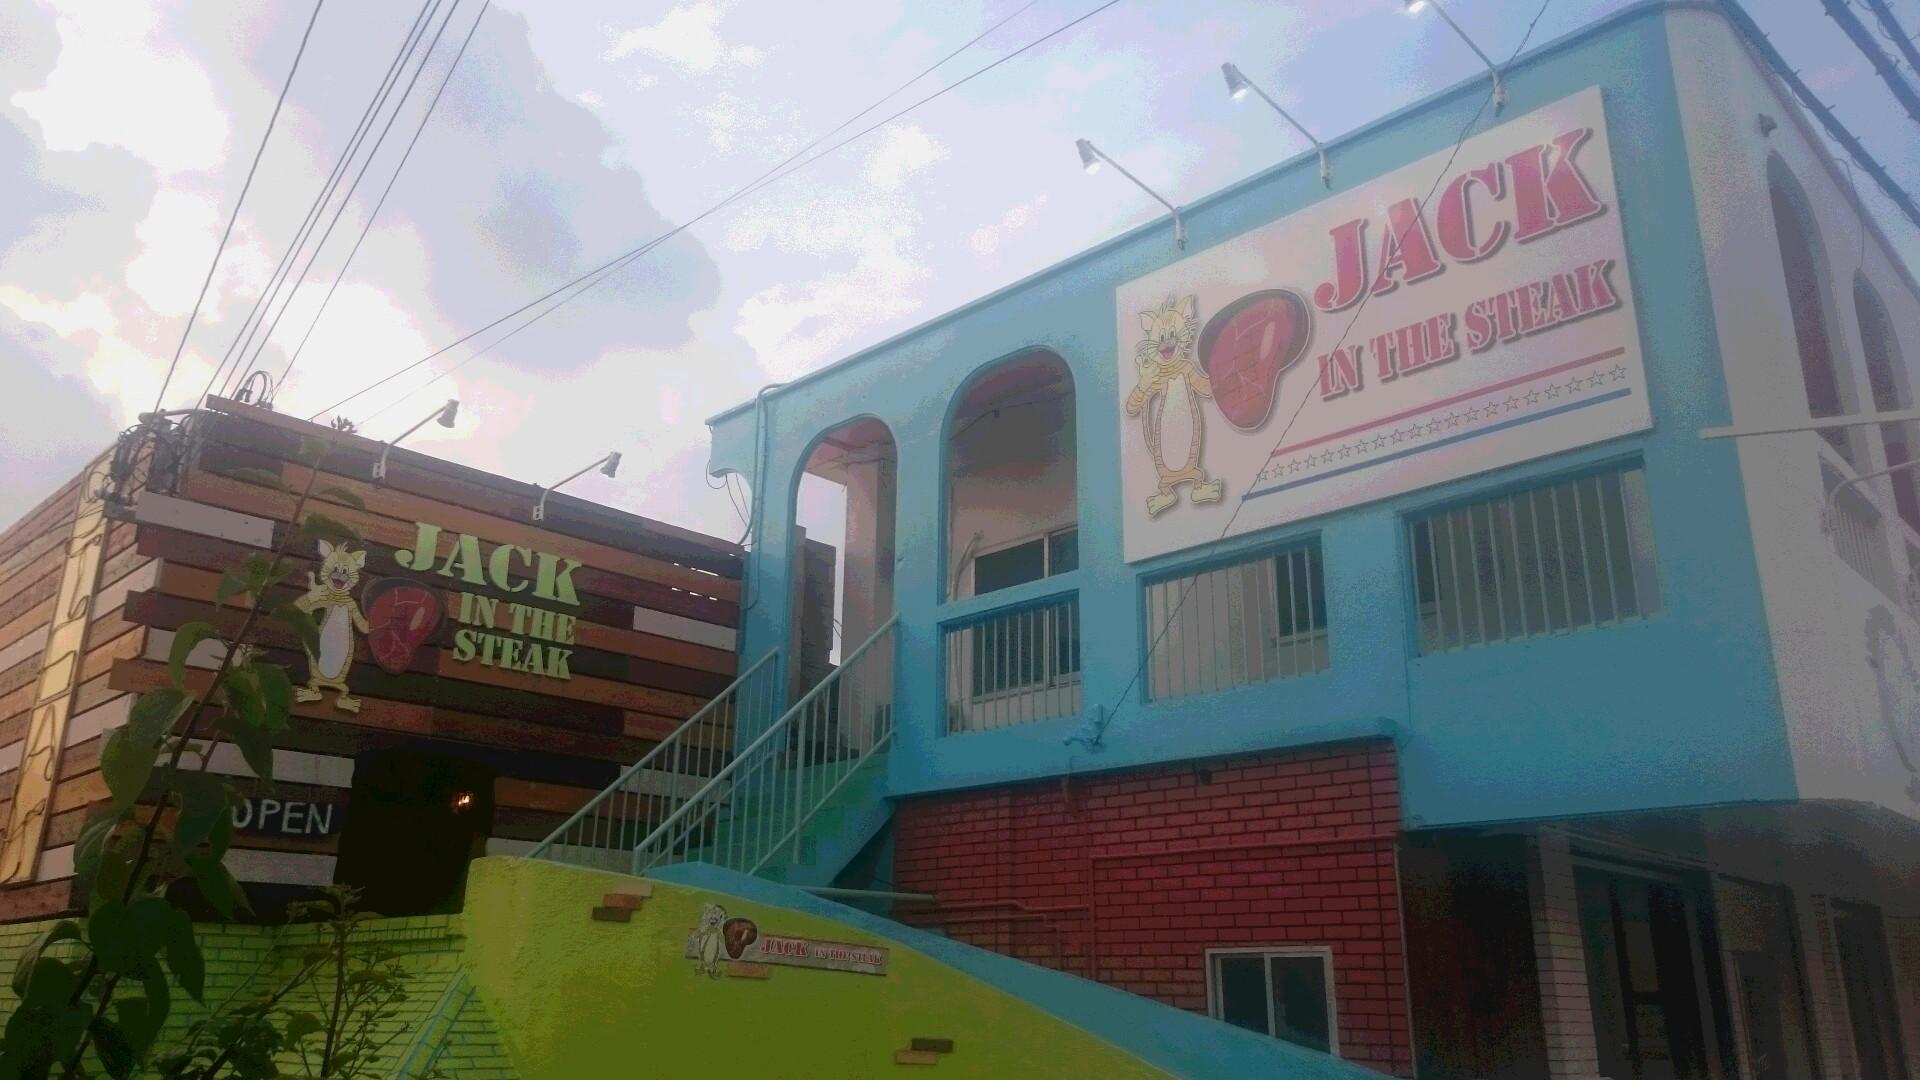 JACK IN THE STEAK